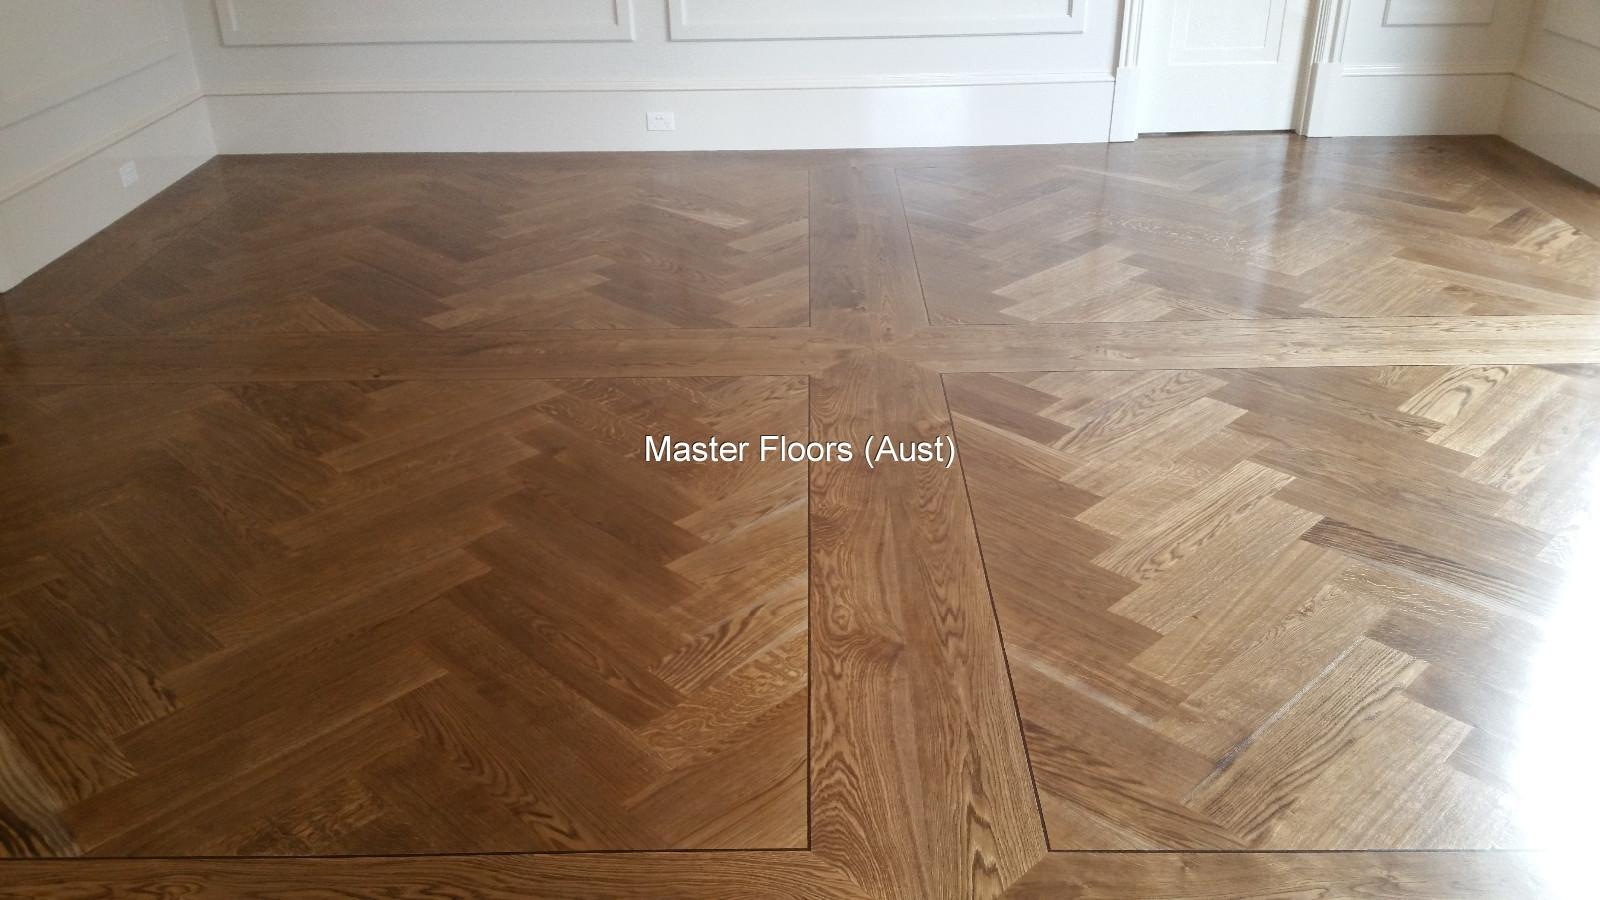 Herringbone Parquetry Flooring By Masterfloors